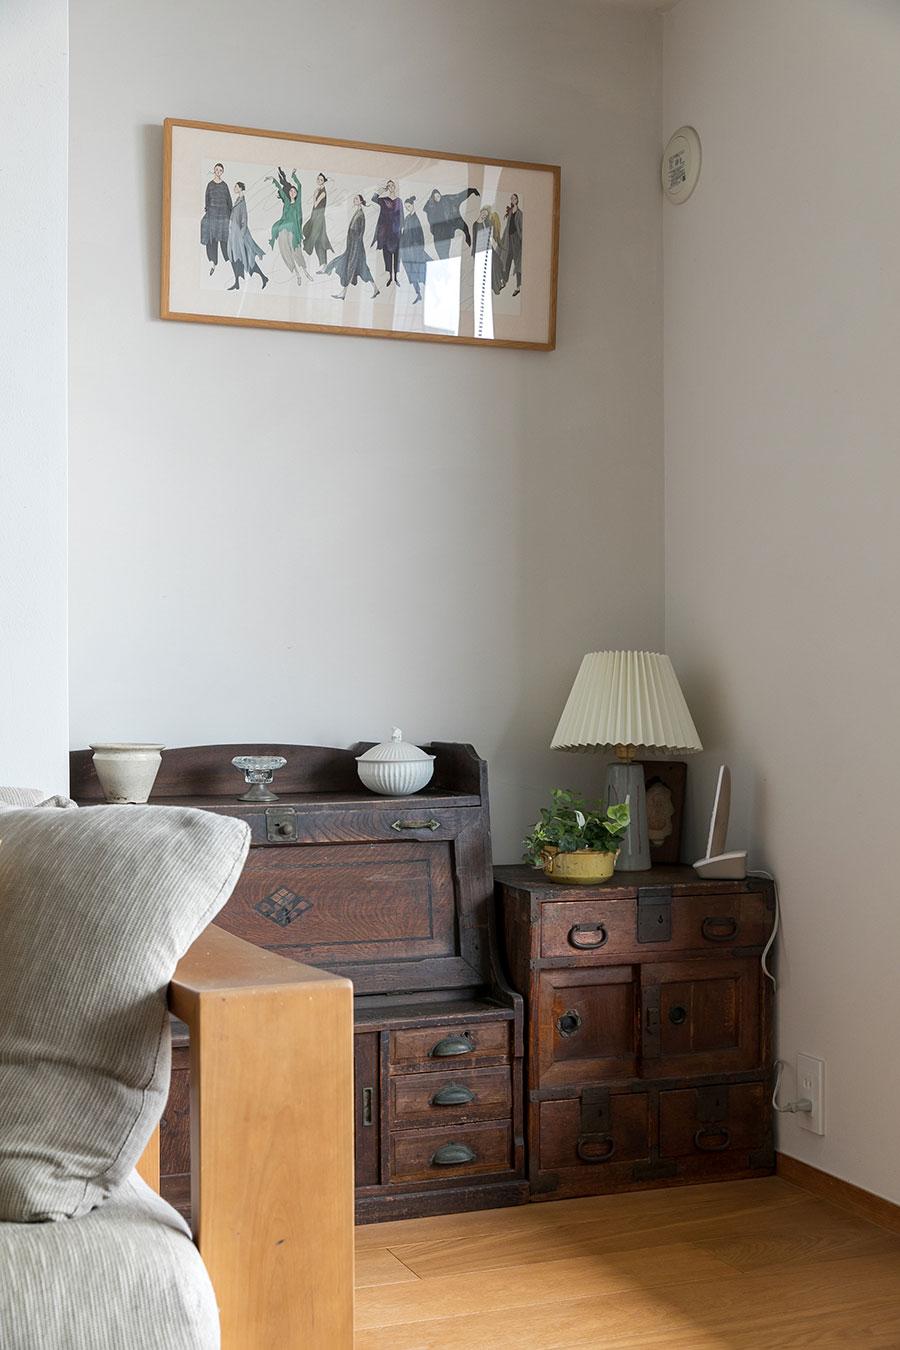 毎シーズン届けられる『ヨーガンレール』の案内状を飾って季節を感じられるコーナーに。右の箪笥は、上京する際に実家から持ってきたもの。「娘時代から使ってきた思い出深い箪笥です」